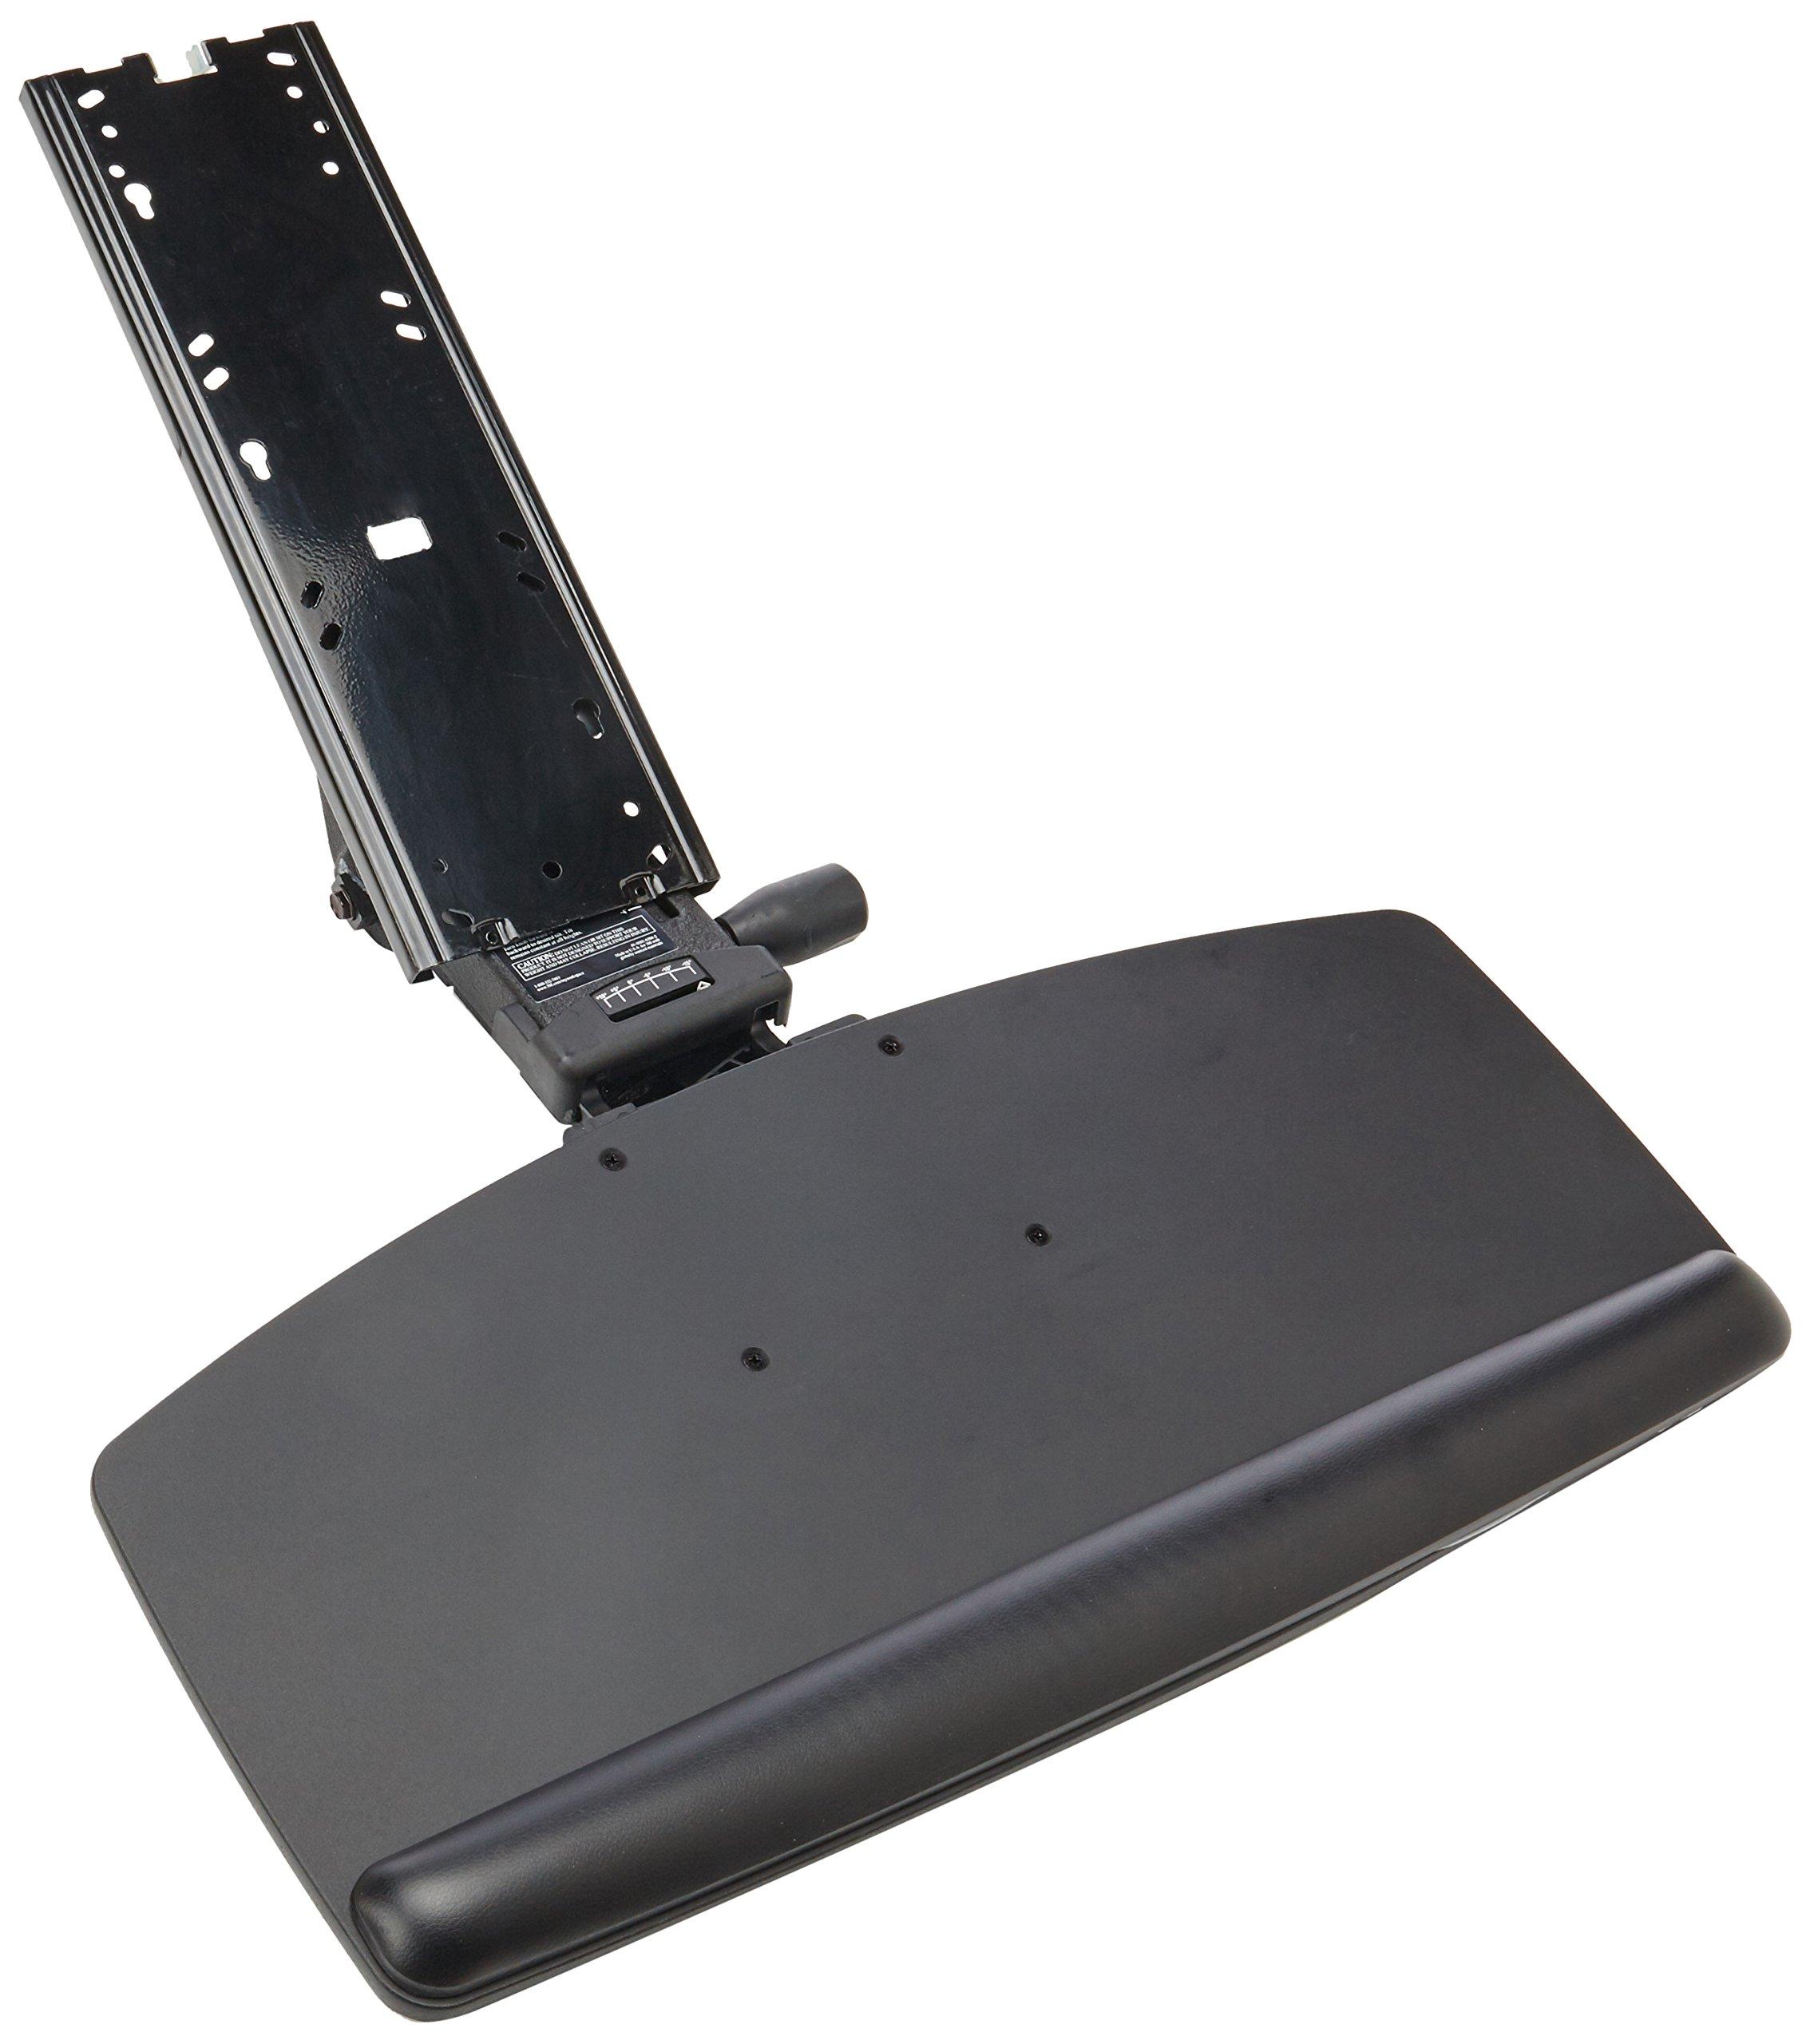 3M AKT91LE Easy Adjust Keyboard Tray With Standard Platform, 17 3/4'' Track, Black